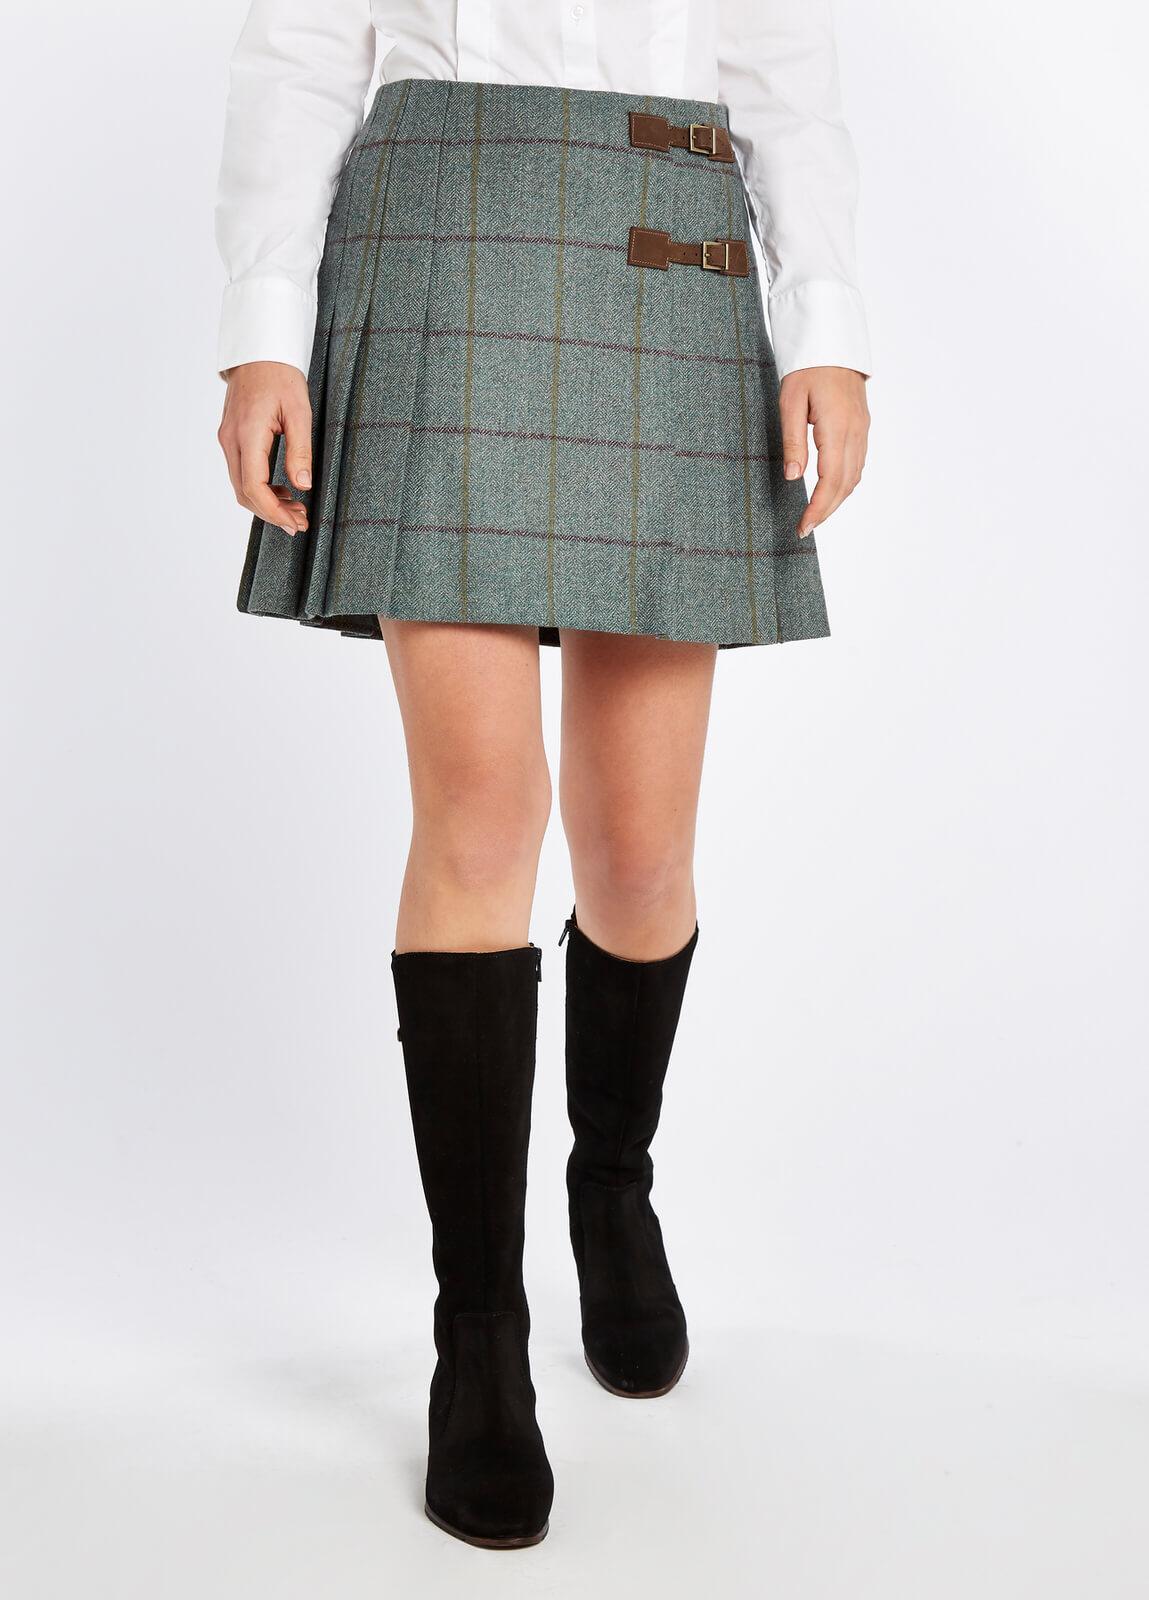 Dubarry_Blossom_Tweed_Skirt_Sorrel_on_model